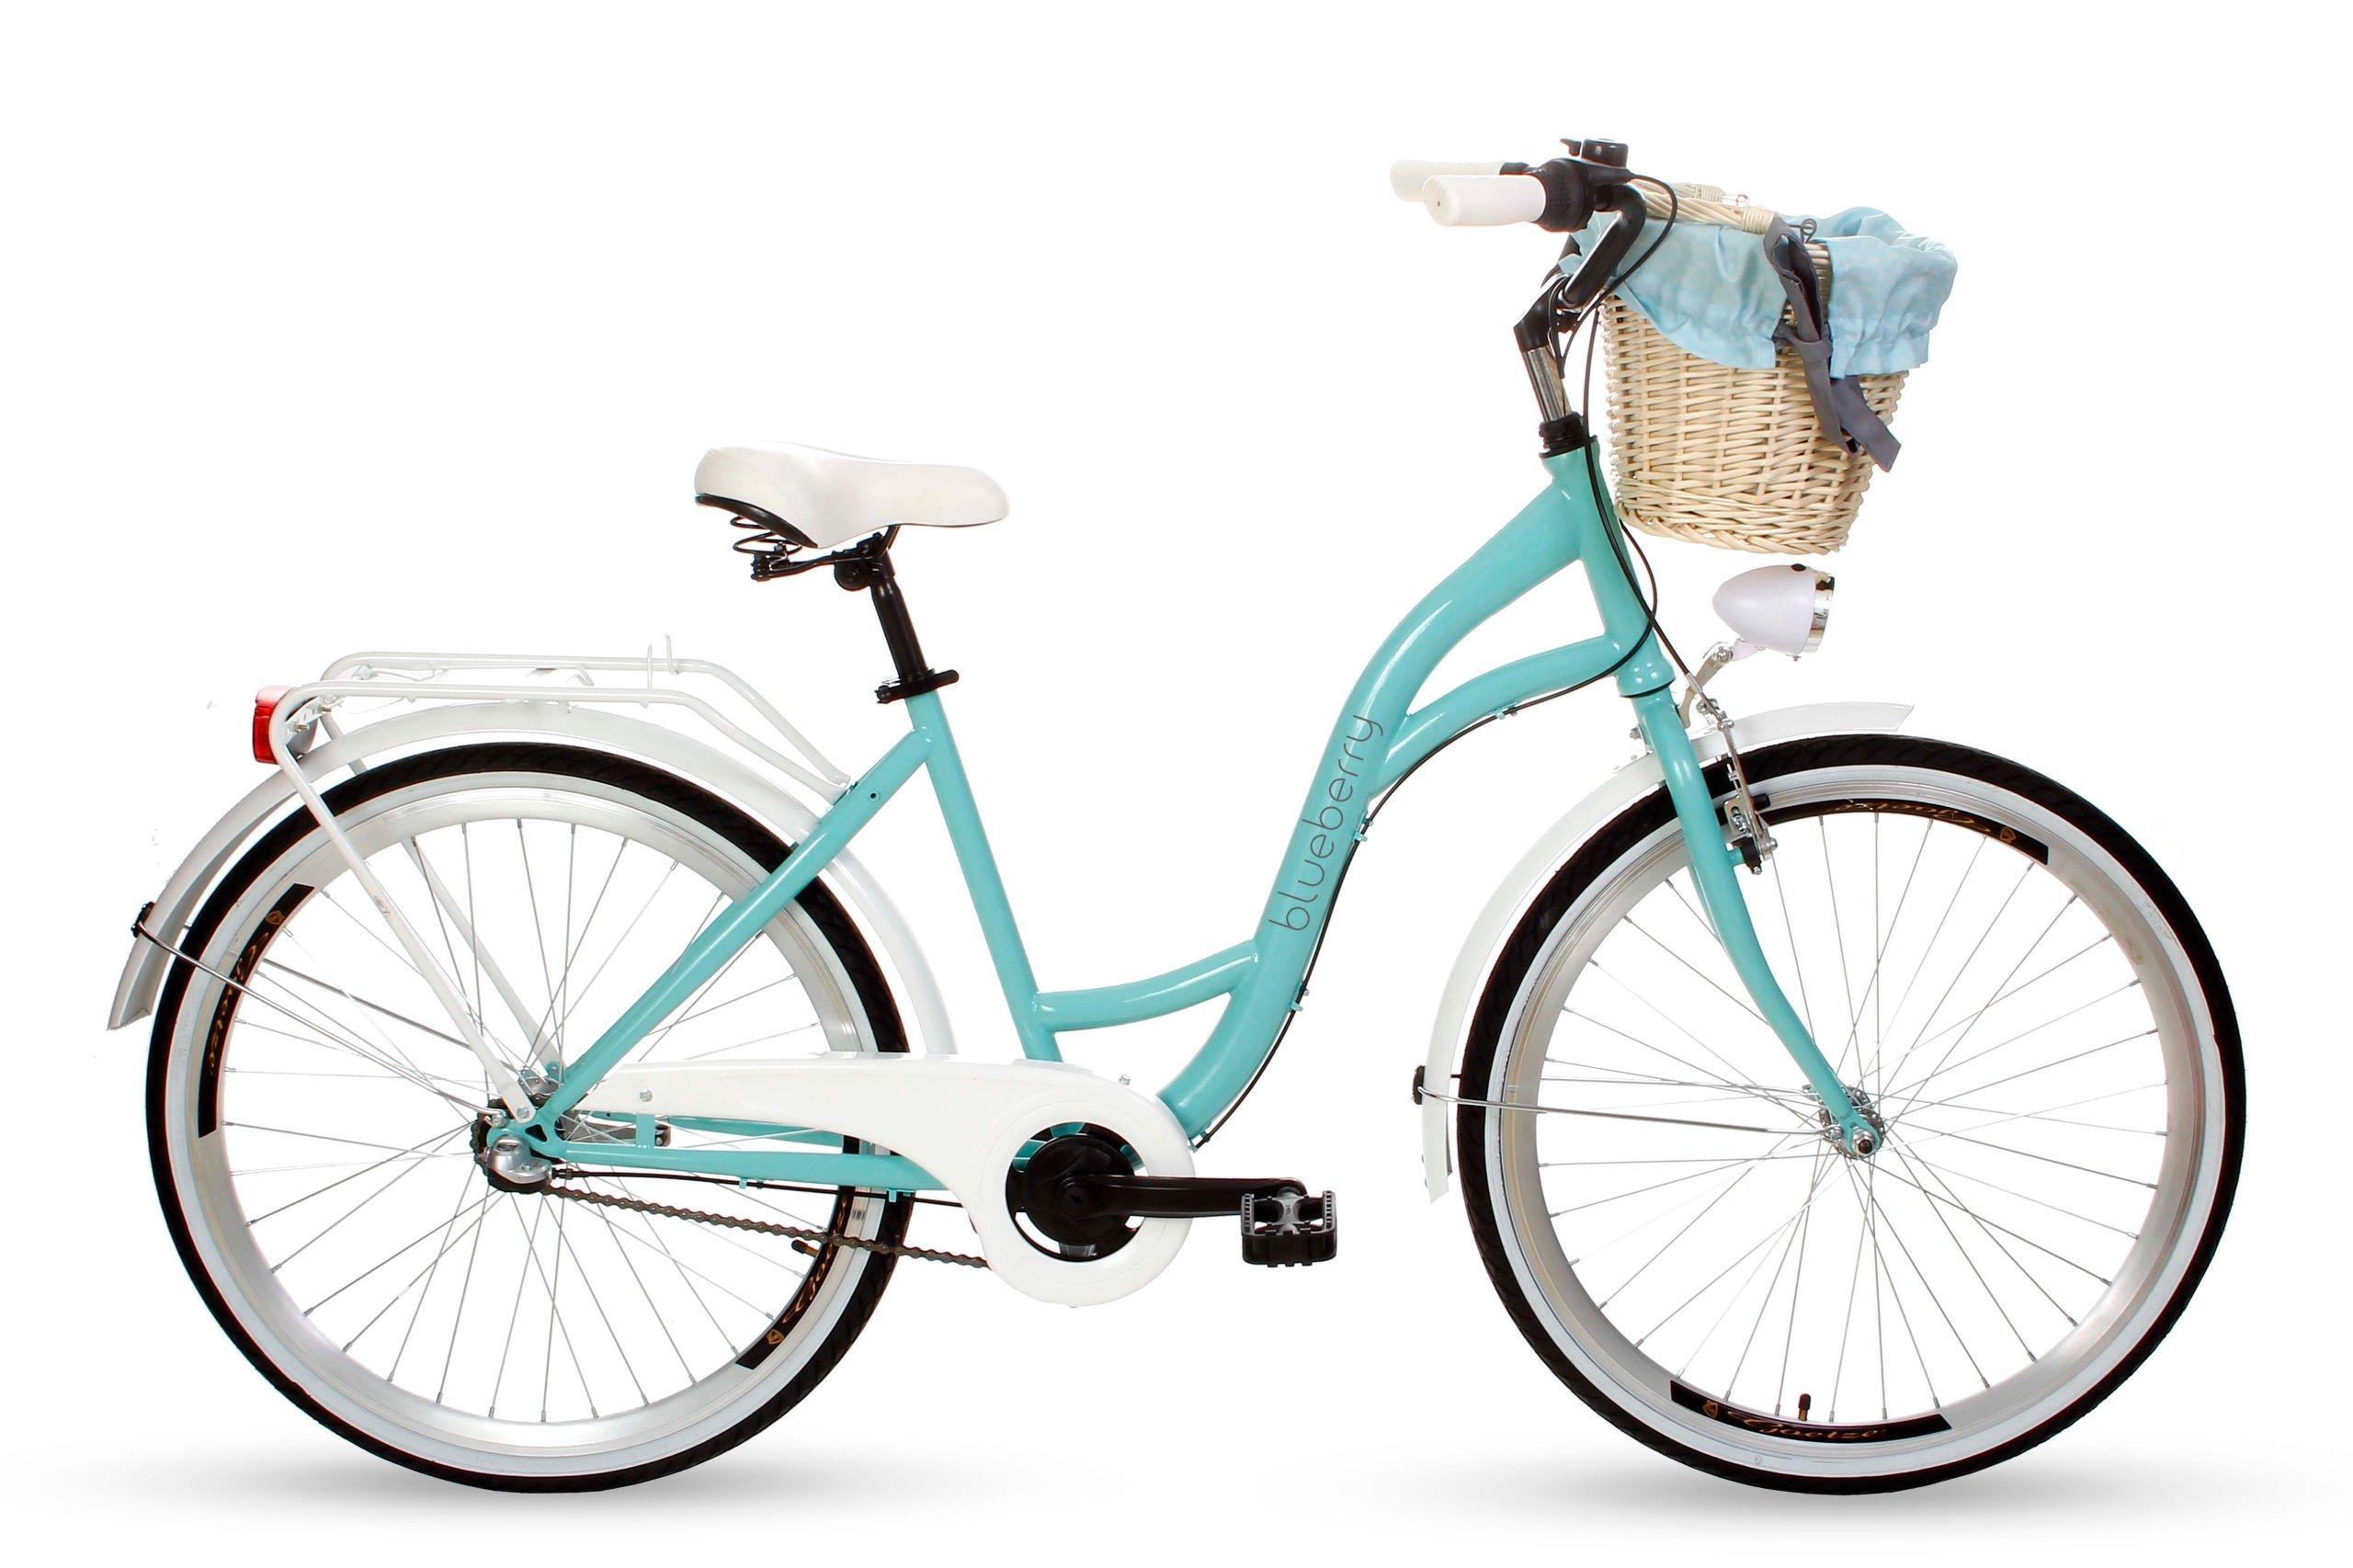 Dámsky mestský bicykel Goetze BLUEBERRY 26 3b košík!  Veľkosť rámu 17 palcov